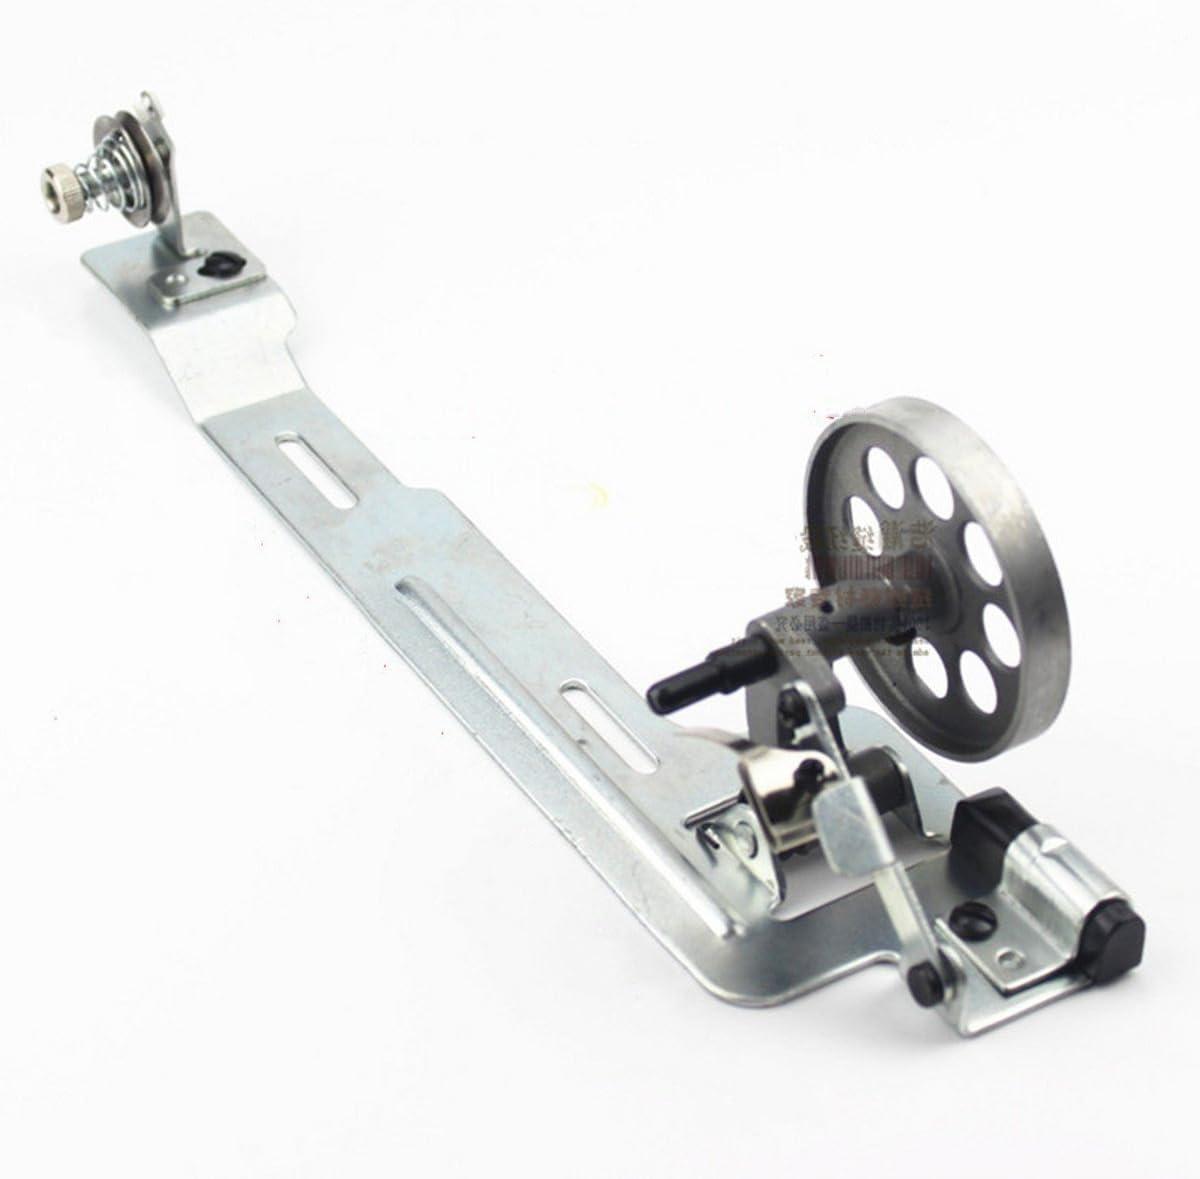 Bobbin Winder Small Wheel Sewing Machine Juki Singer